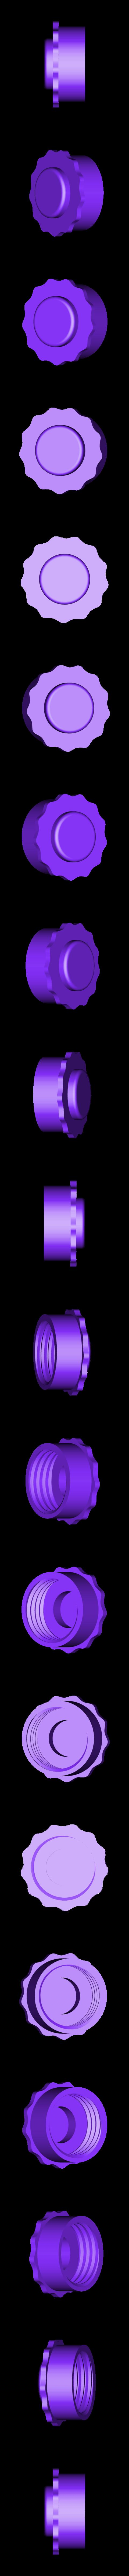 Leftandrightendcap_v2.stl Télécharger fichier STL gratuit Porte-serviettes en papier GRAB et GO. (Pour montage mural ou sur panneau IKEA !) • Design imprimable en 3D, 3DED